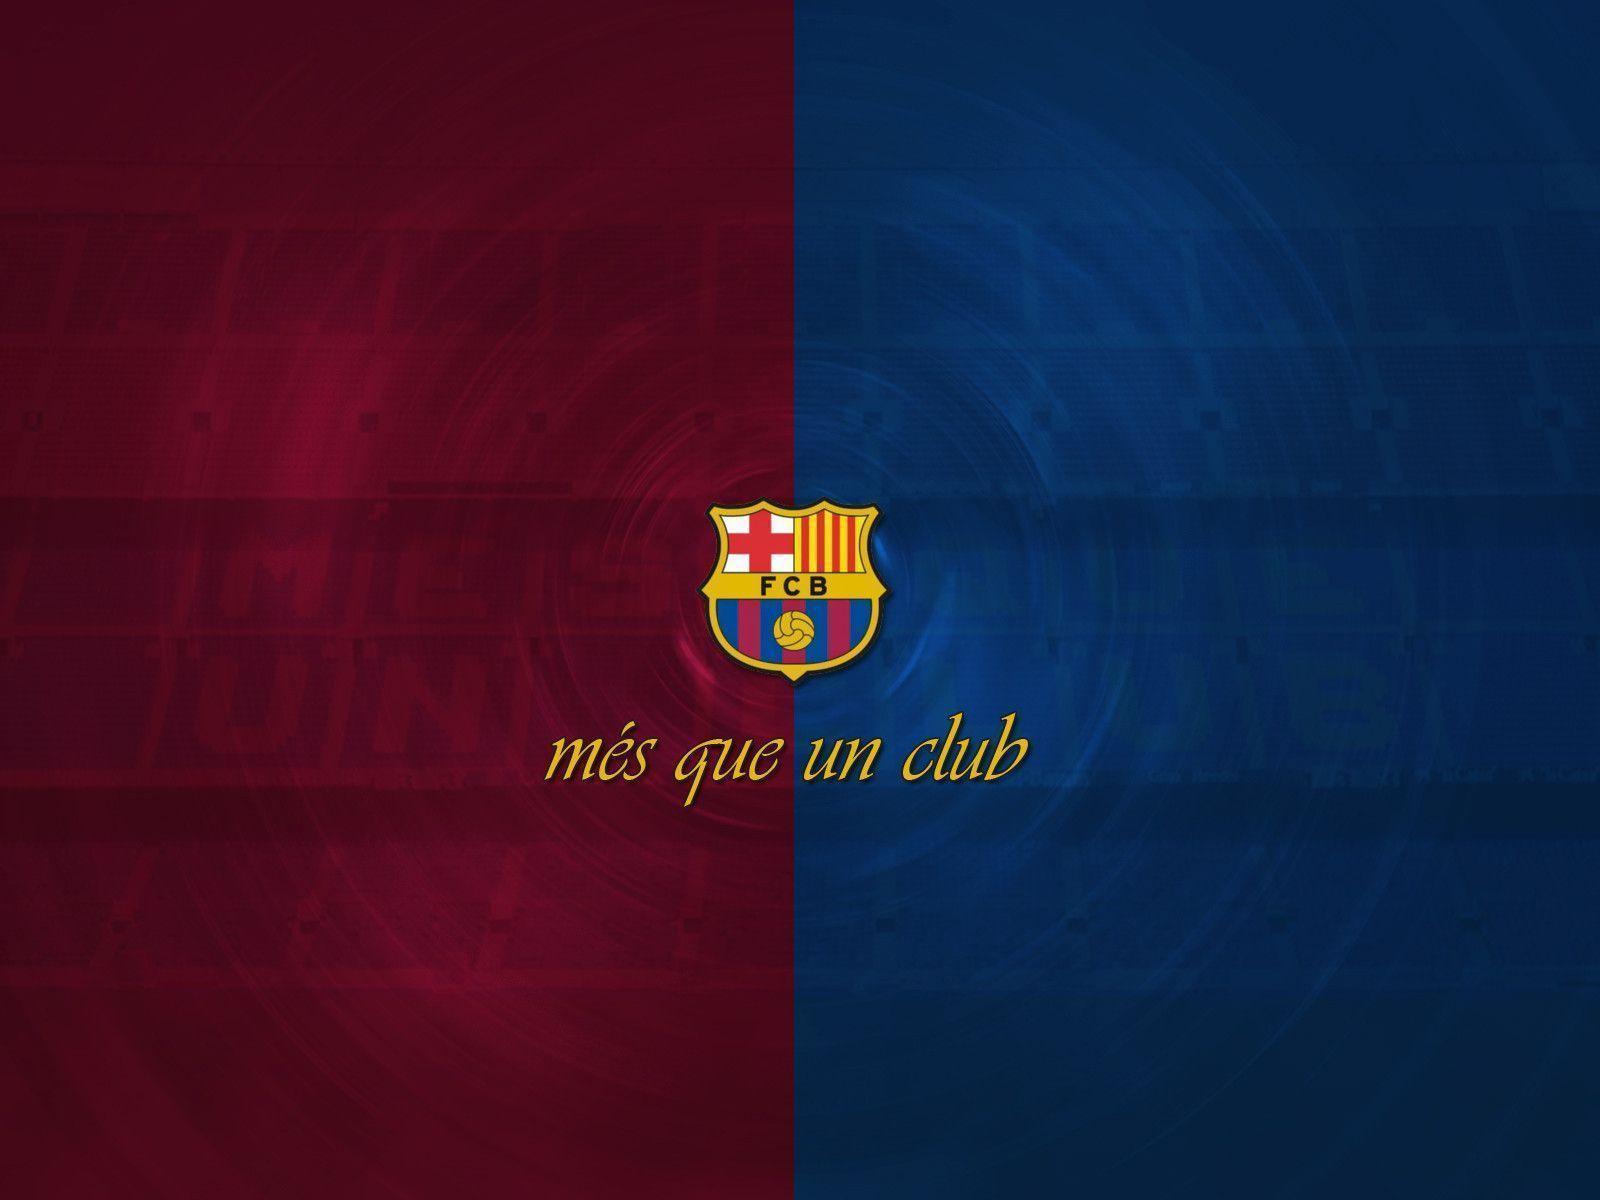 hình ảnh đẹp logo barca